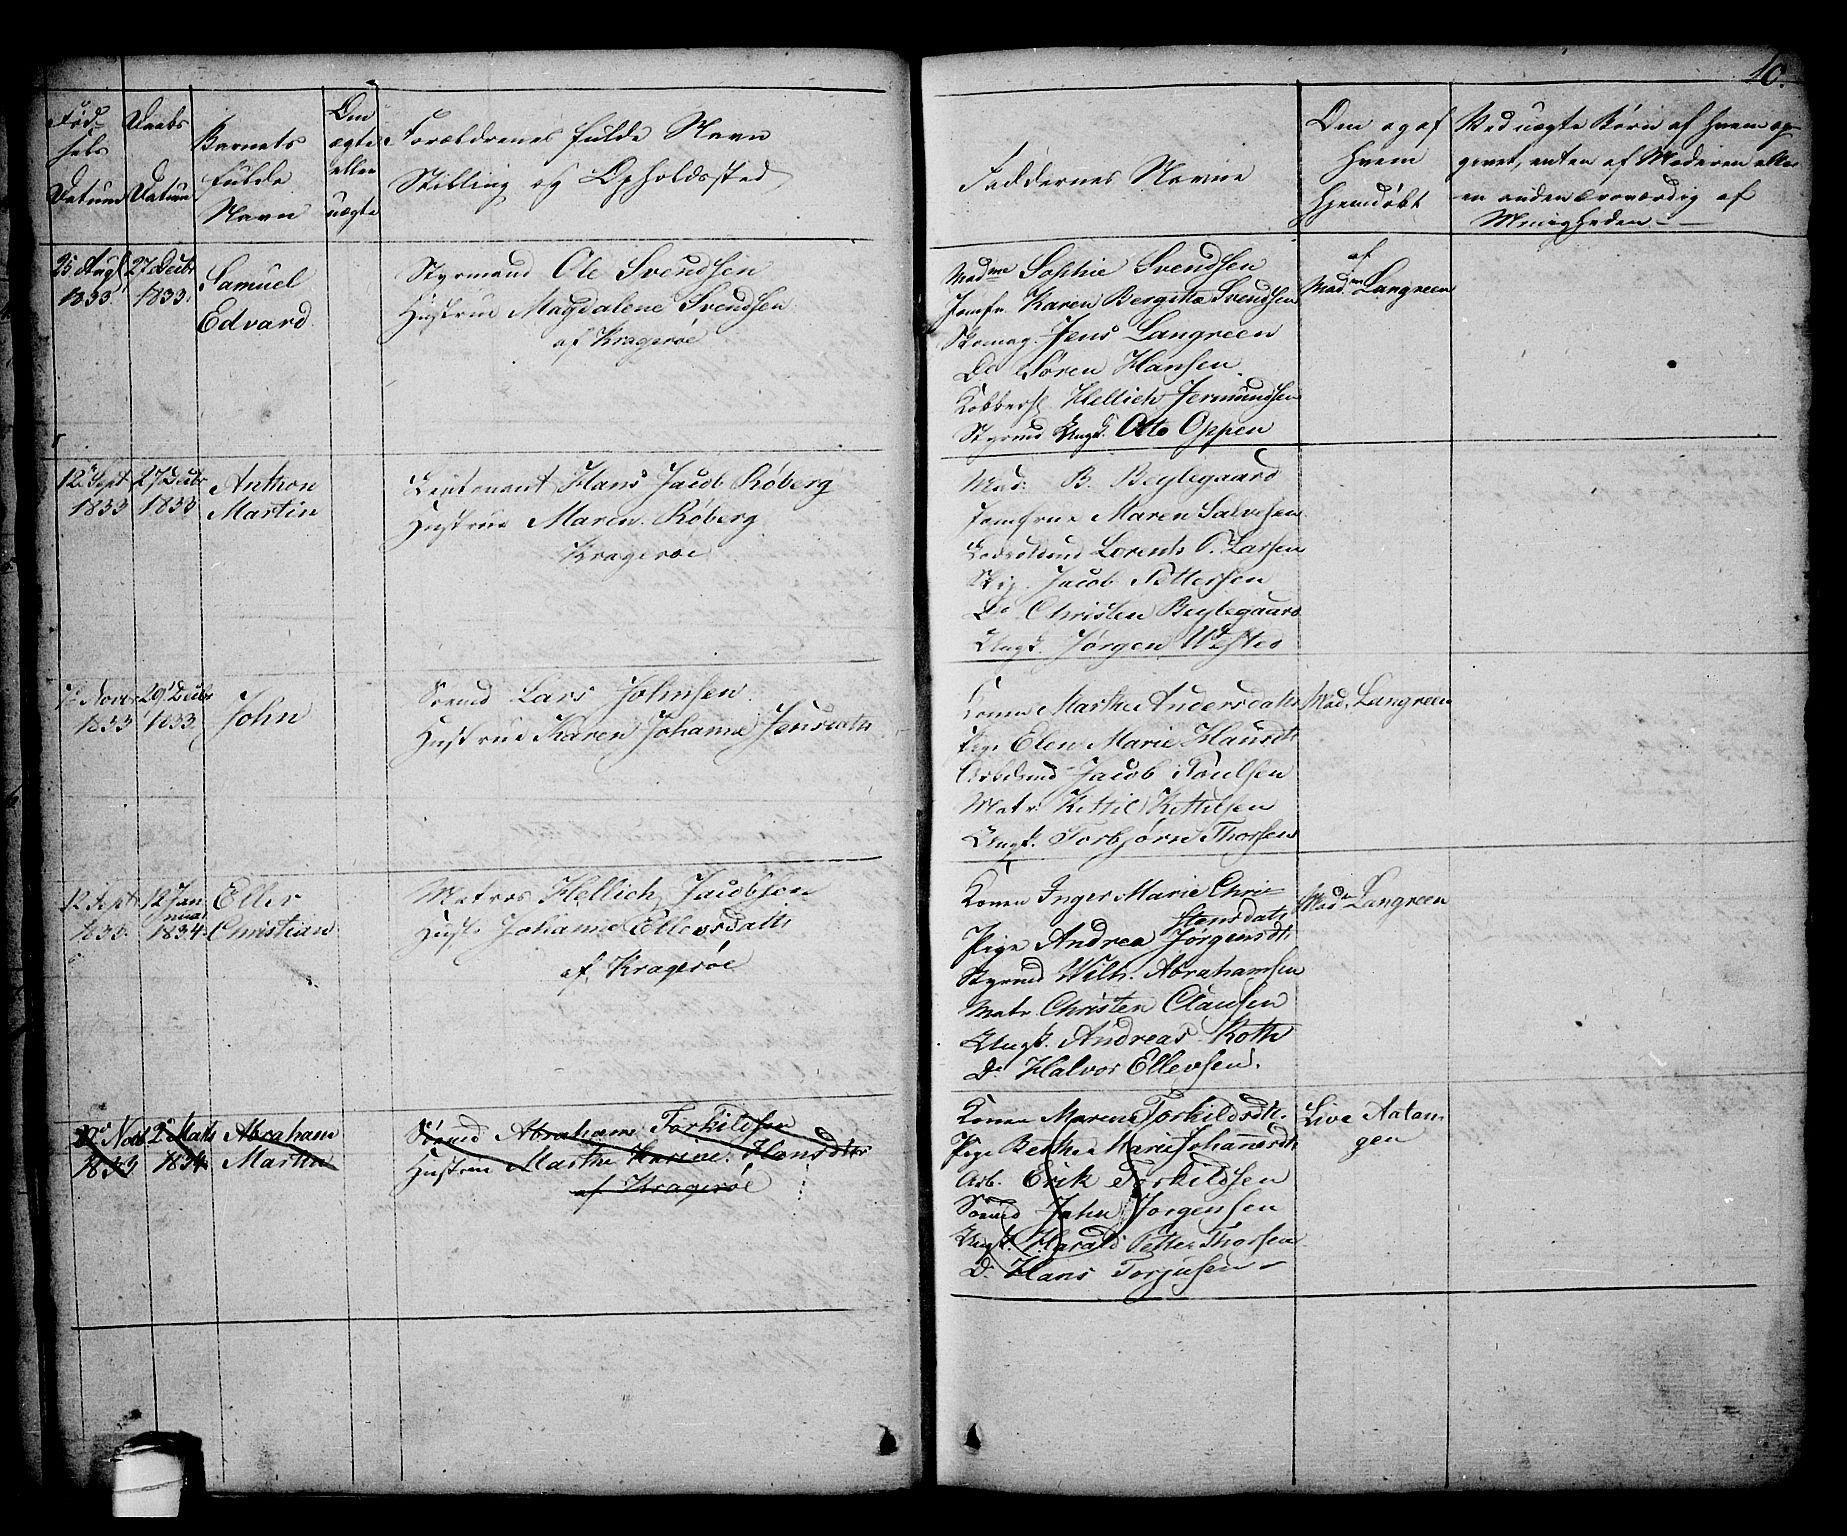 SAKO, Kragerø kirkebøker, G/Ga/L0003: Klokkerbok nr. 3, 1832-1852, s. 10